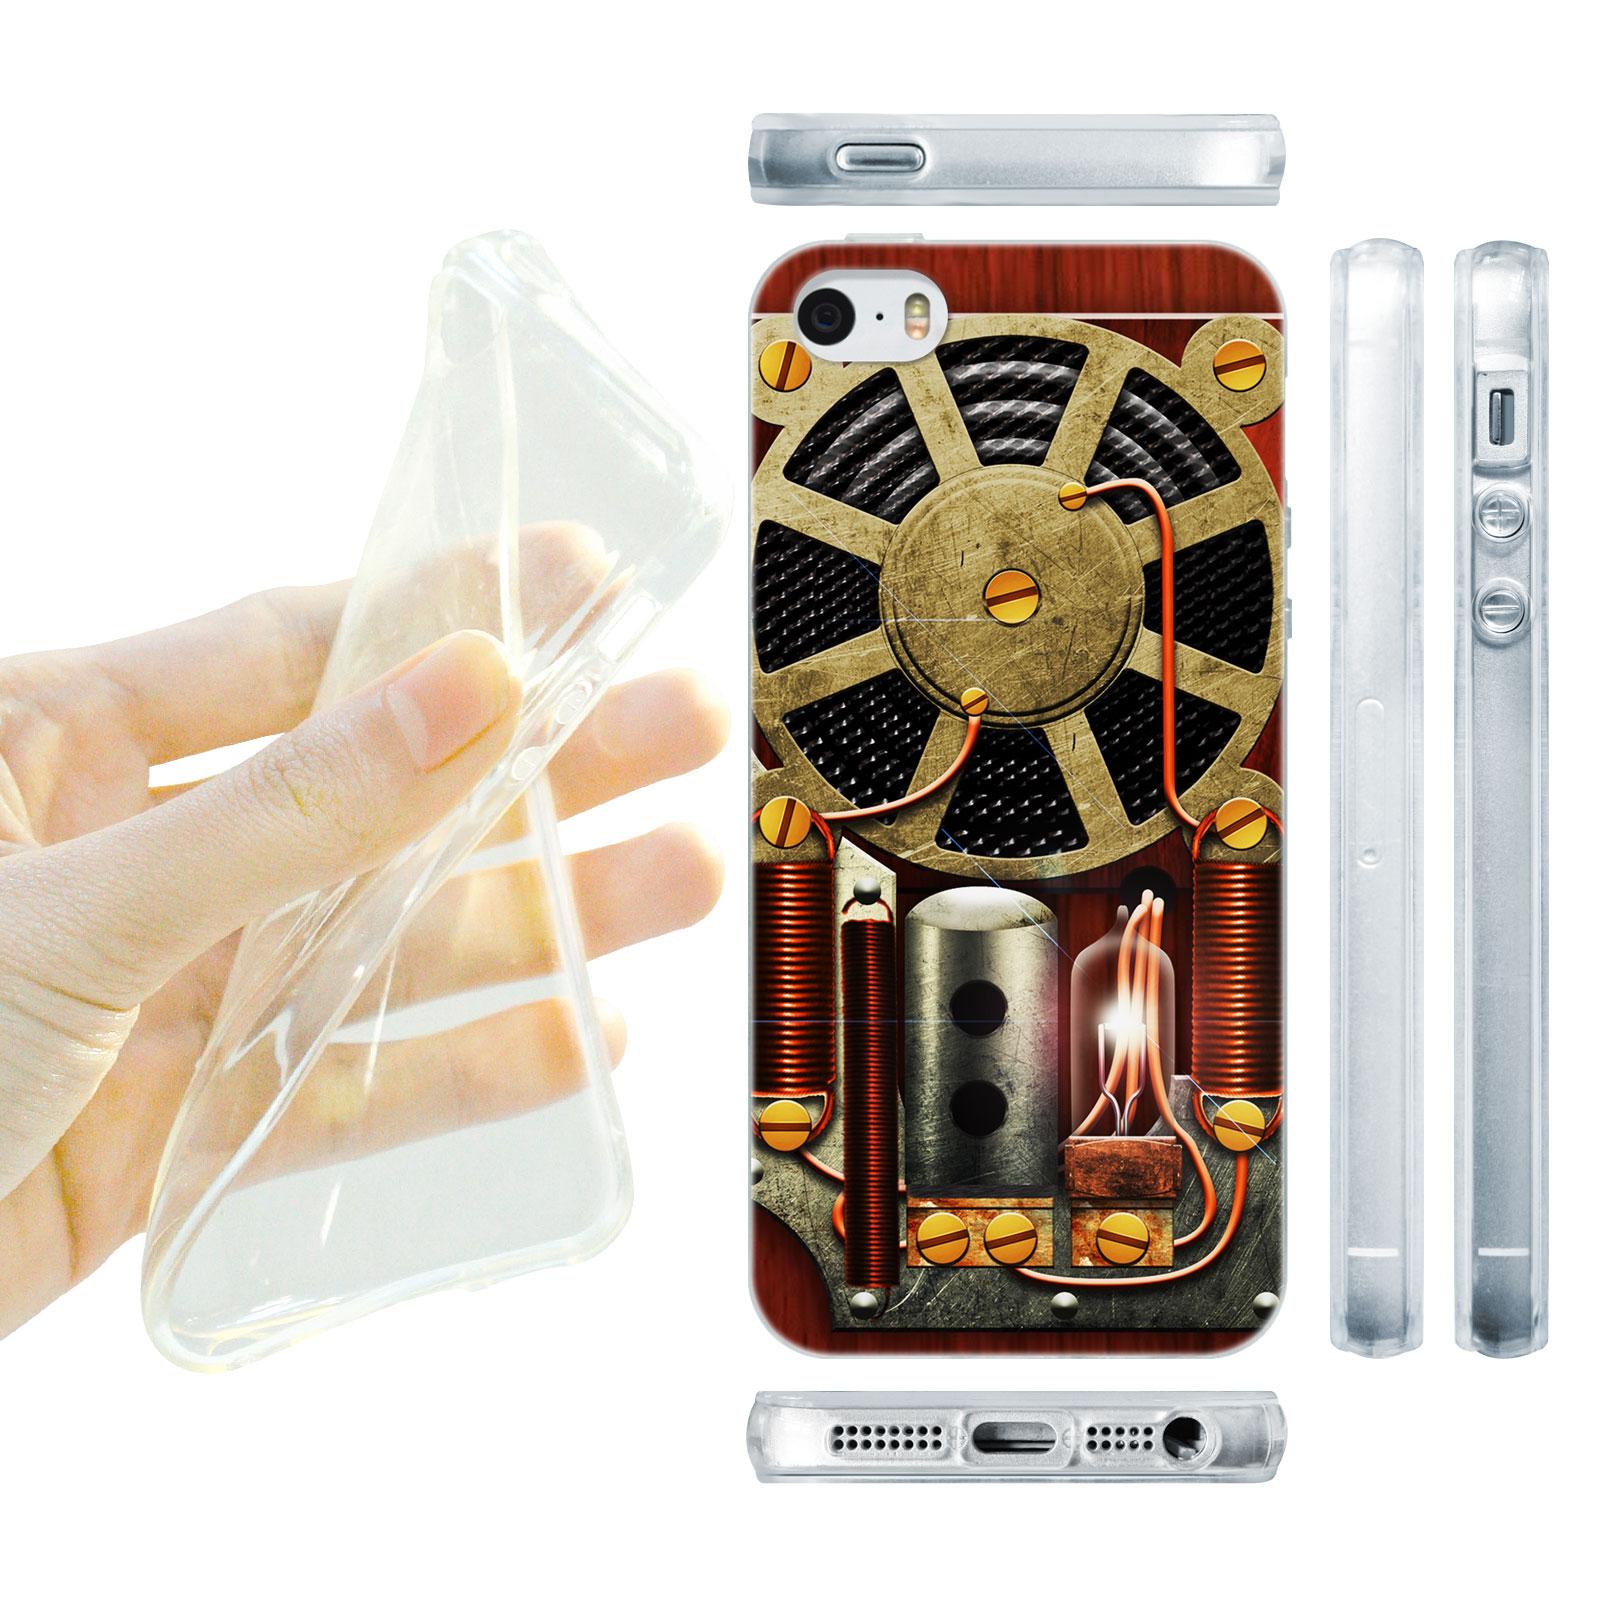 HEAD CASE silikonový obal na mobil Iphone 5/5S Vzor rádio uvnitř hnědá barva